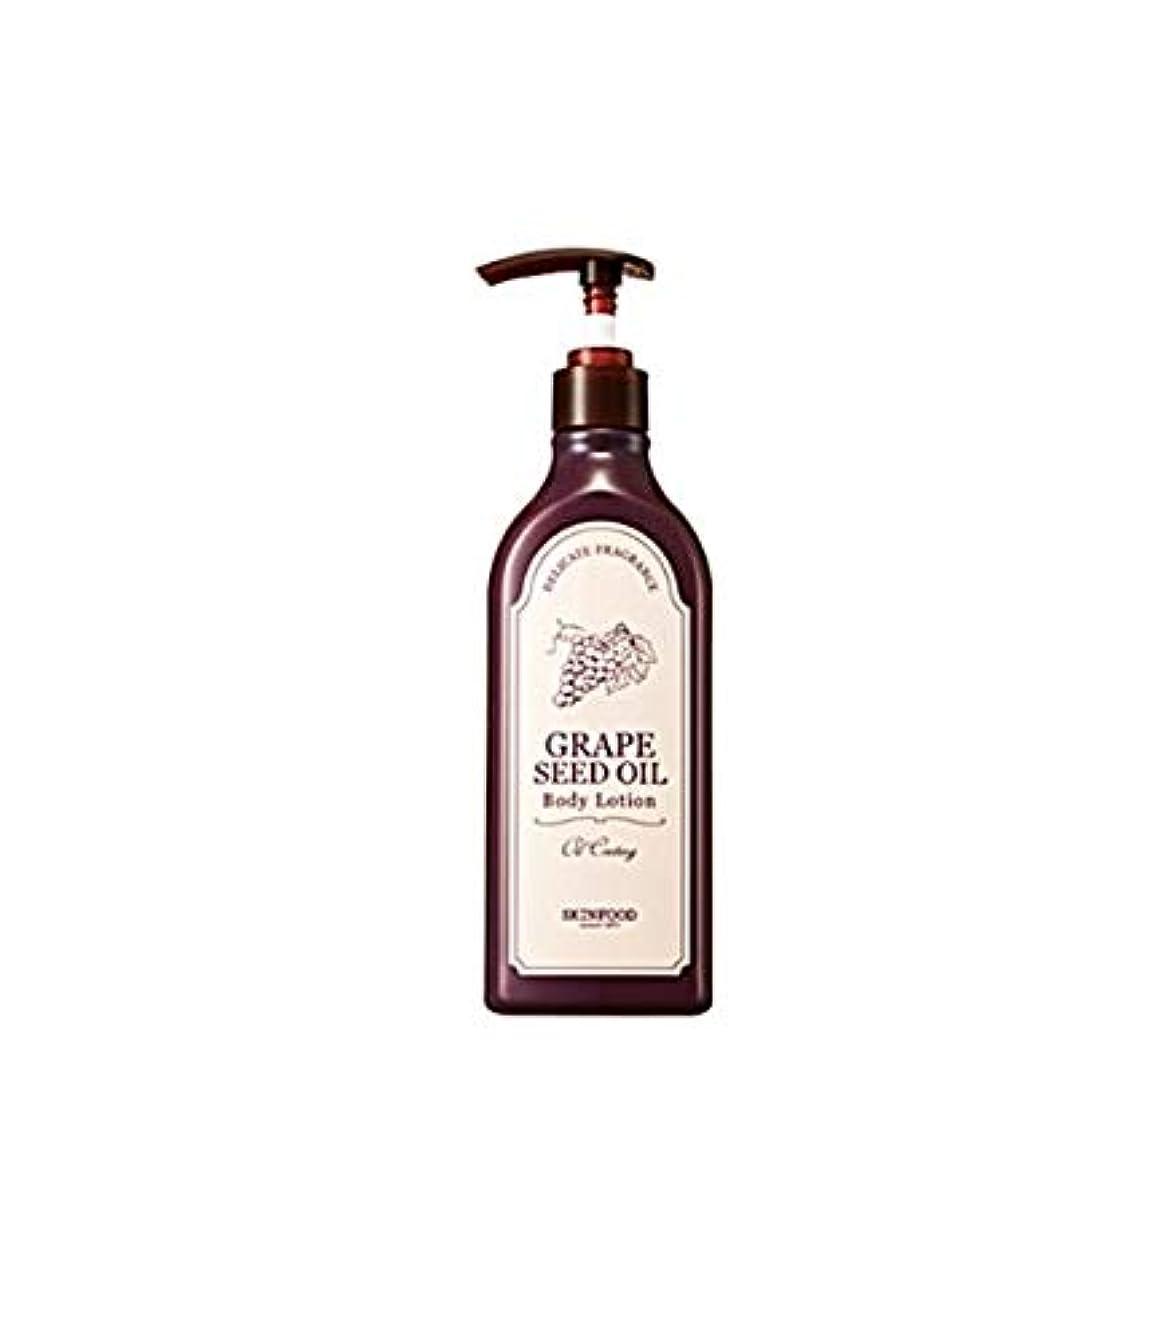 ツインパイプライン領事館Skinfood グレープシードオイルボディローション/Grape Seed Oil Body Lotion 335 ml [並行輸入品]